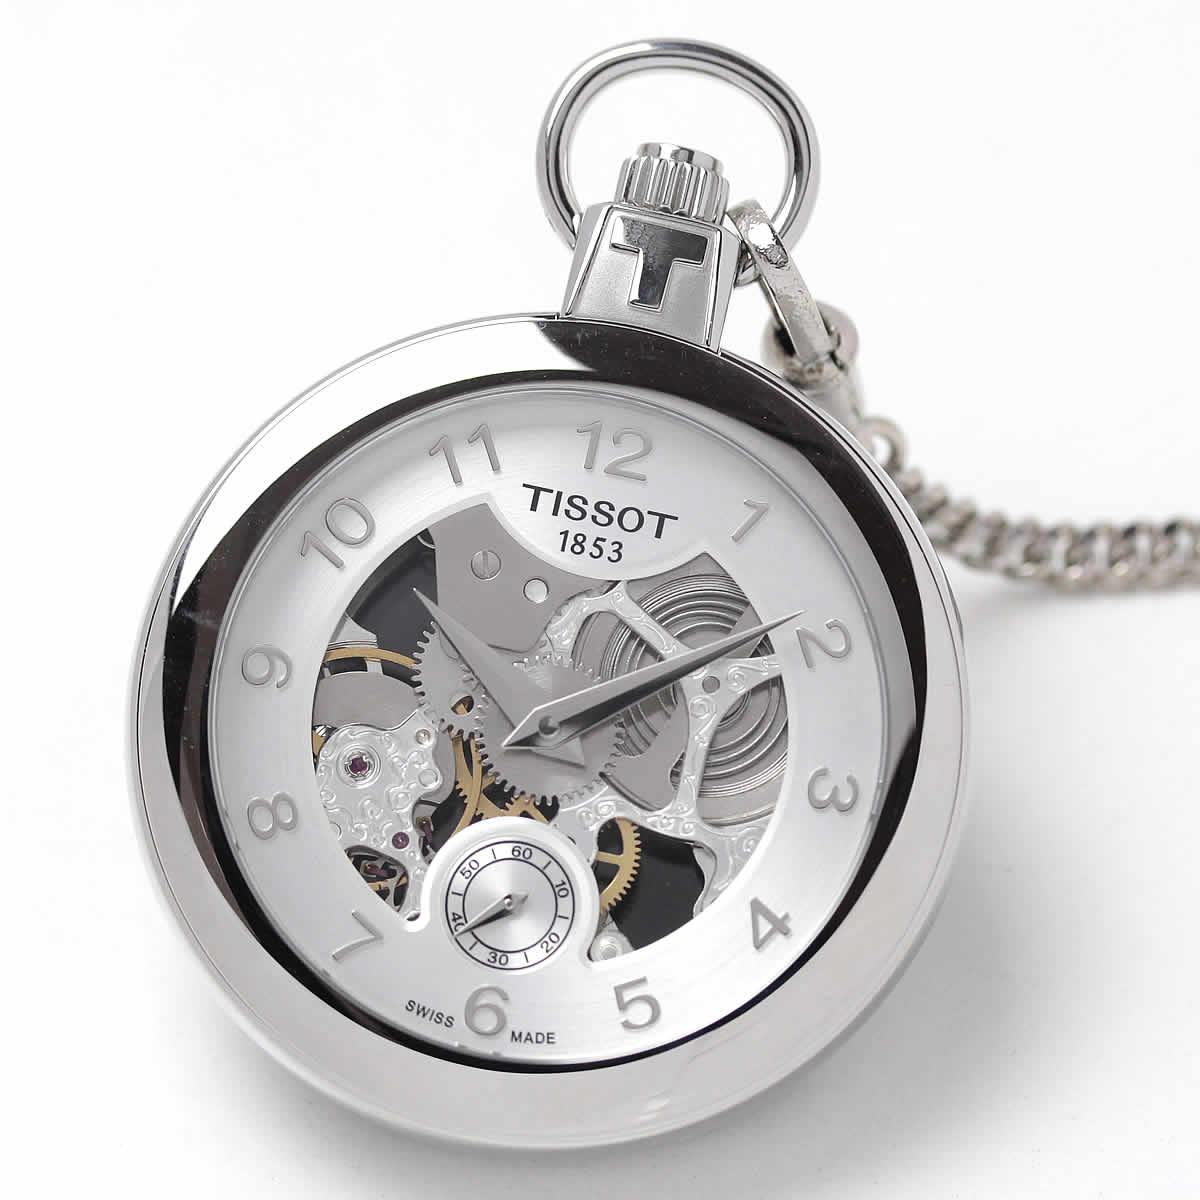 ティソ(TISSOT)ポケット メカニカル スケルトン 手巻き T853.405.19.412.00 懐中時計